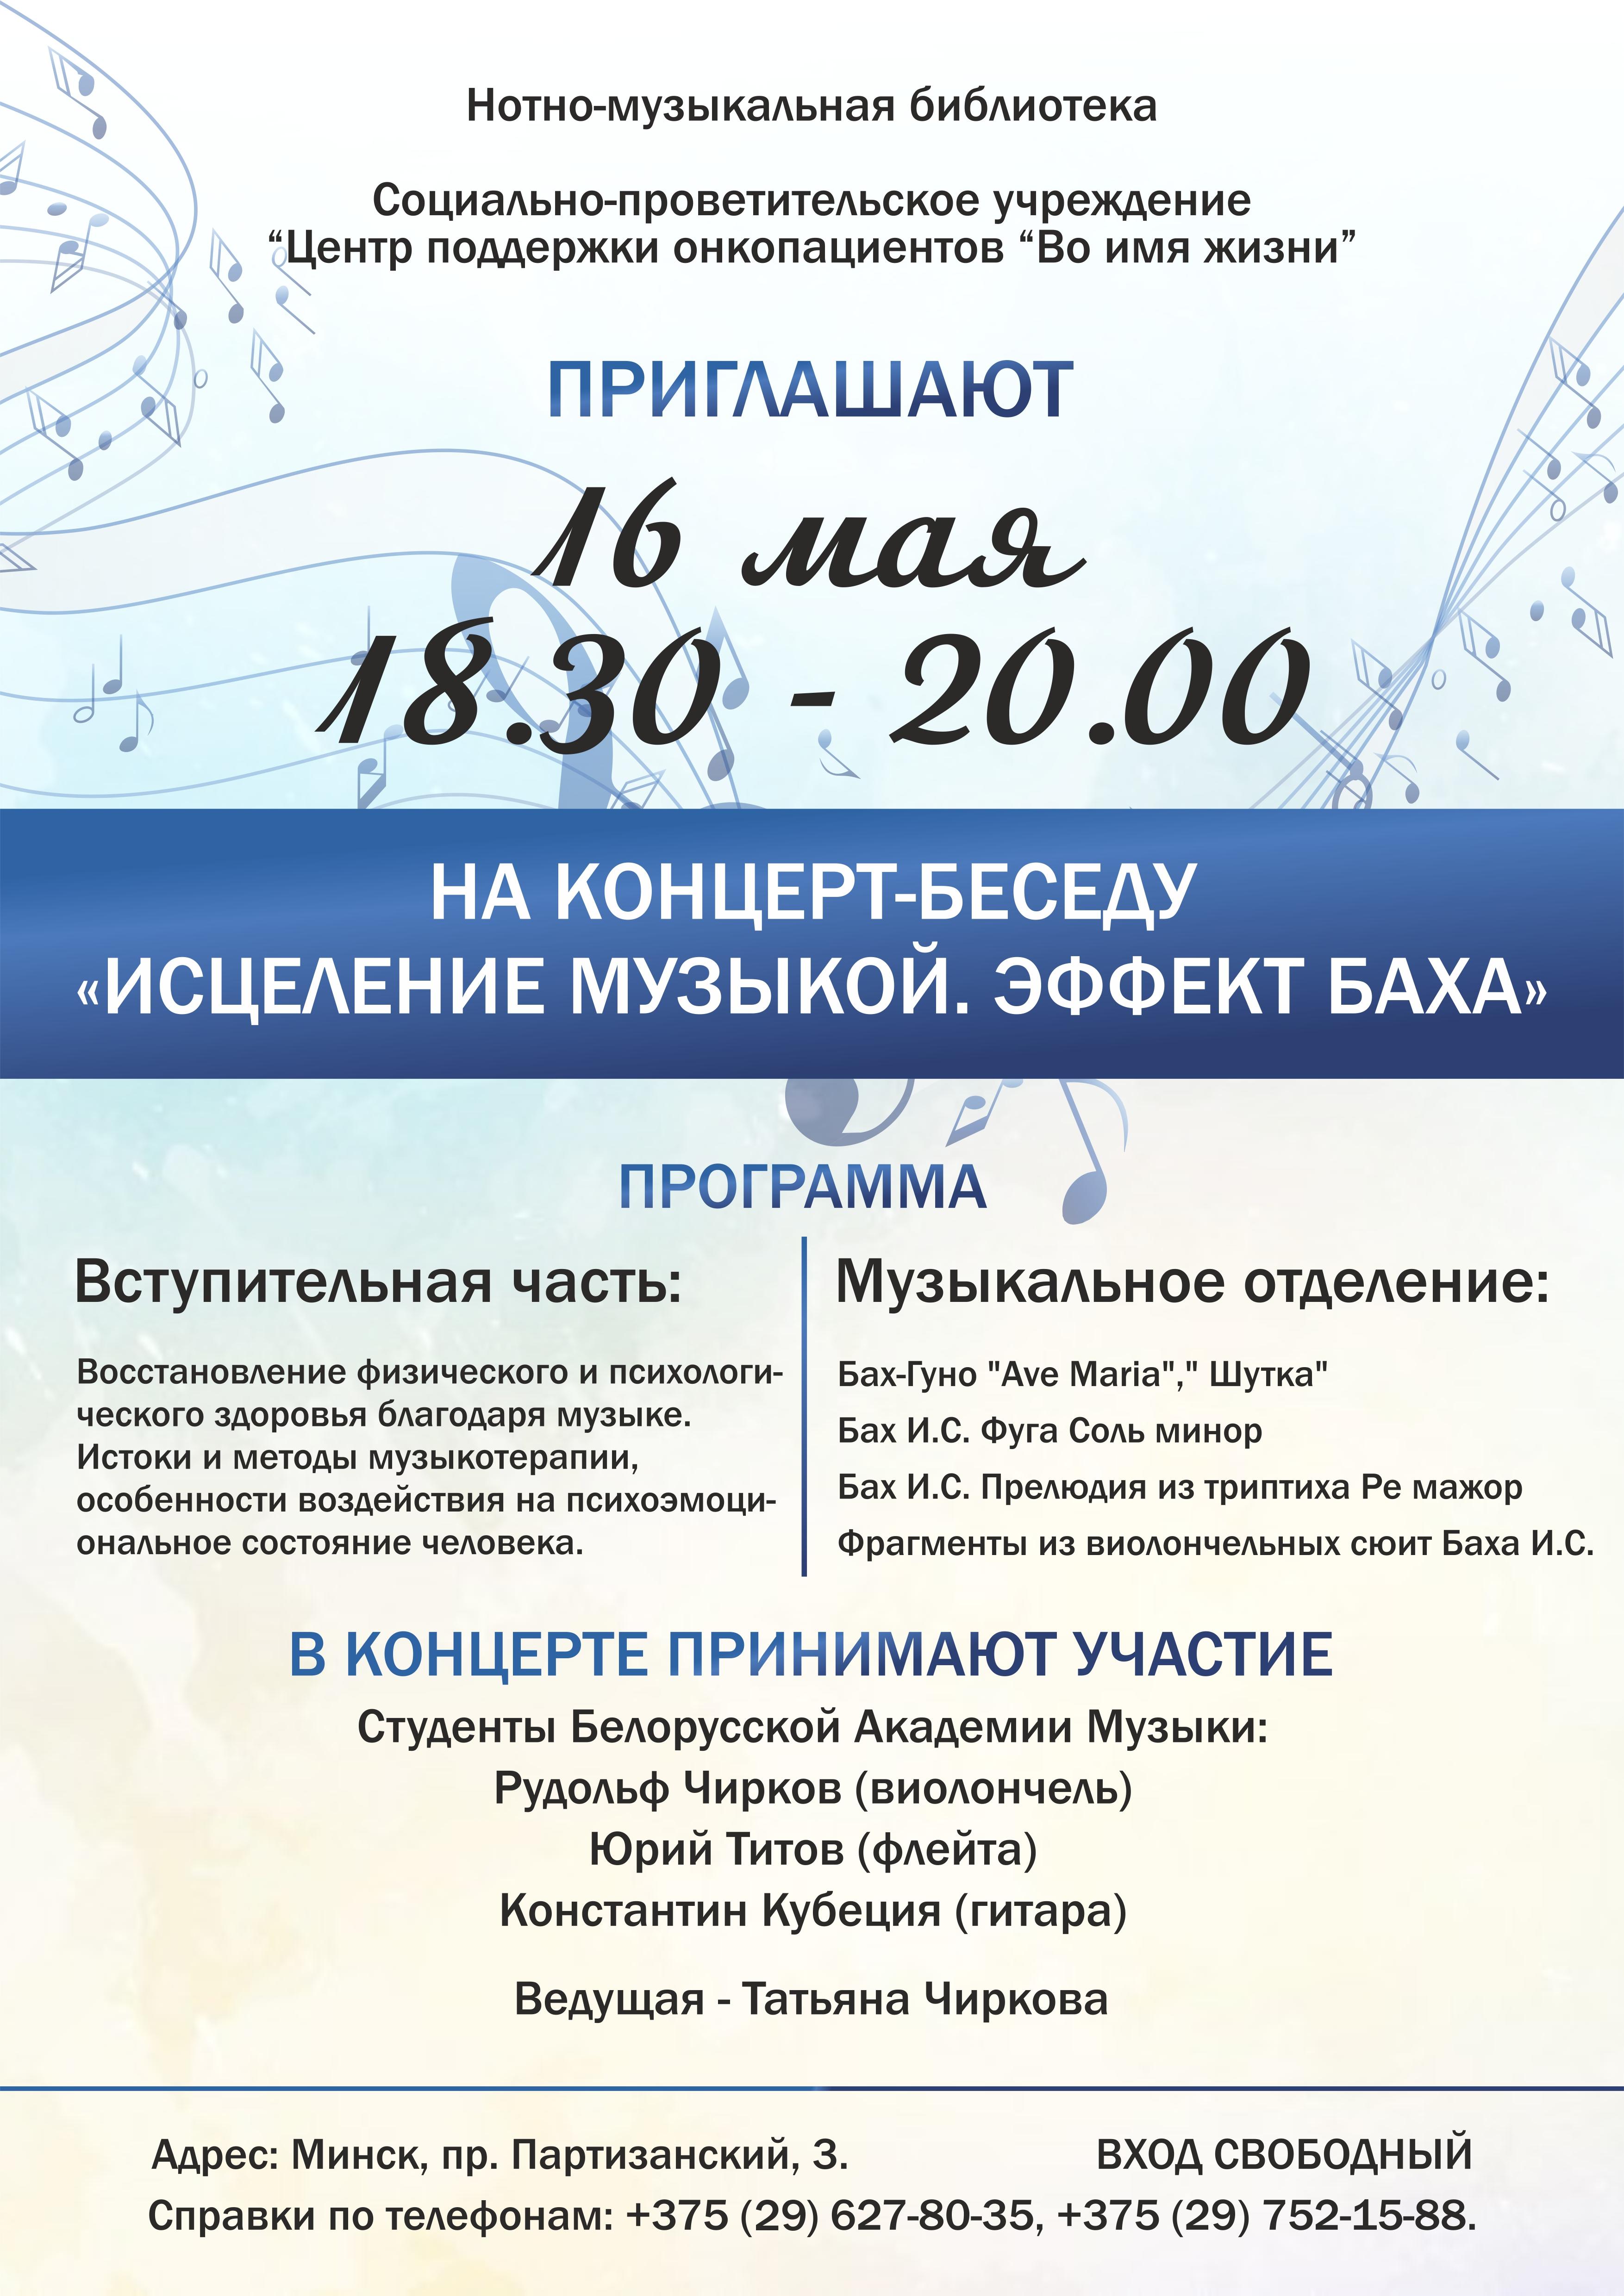 Минск_НМБ